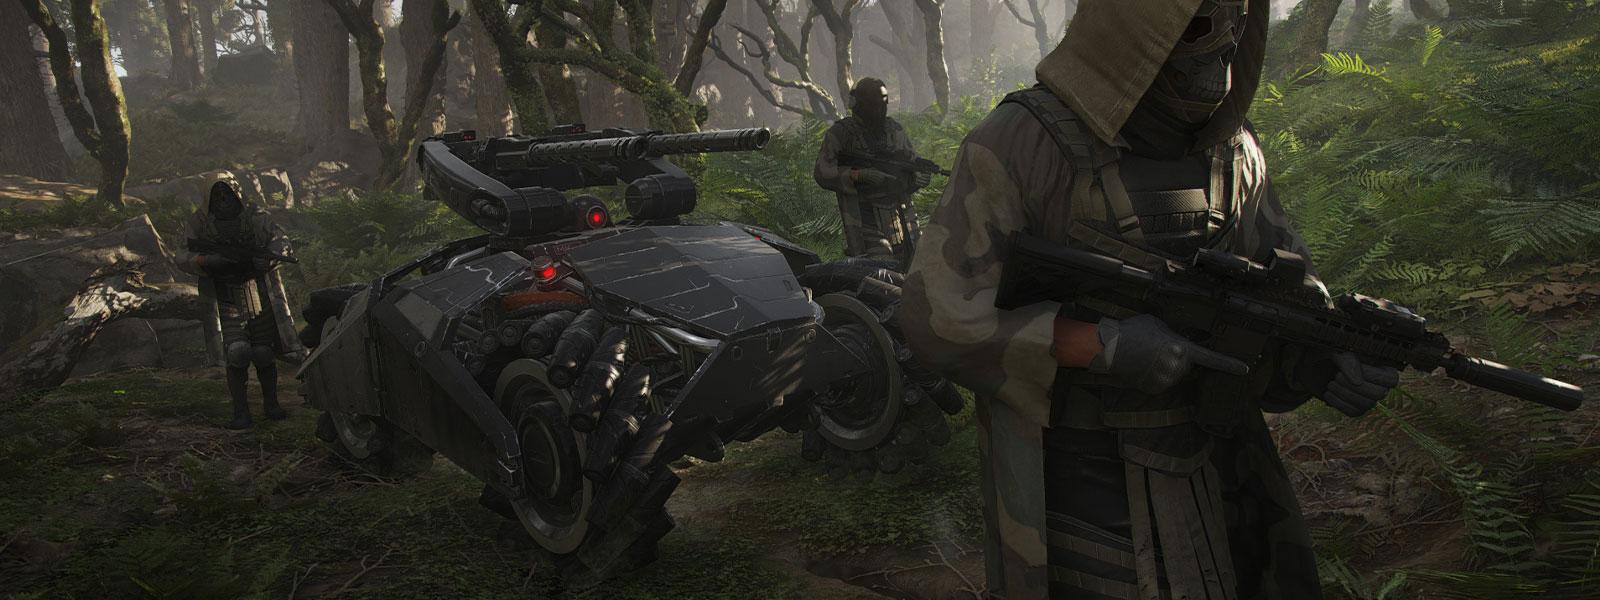 Trzy postaci w maskach i z bronią, eskortujące duży pojazd wojskowy